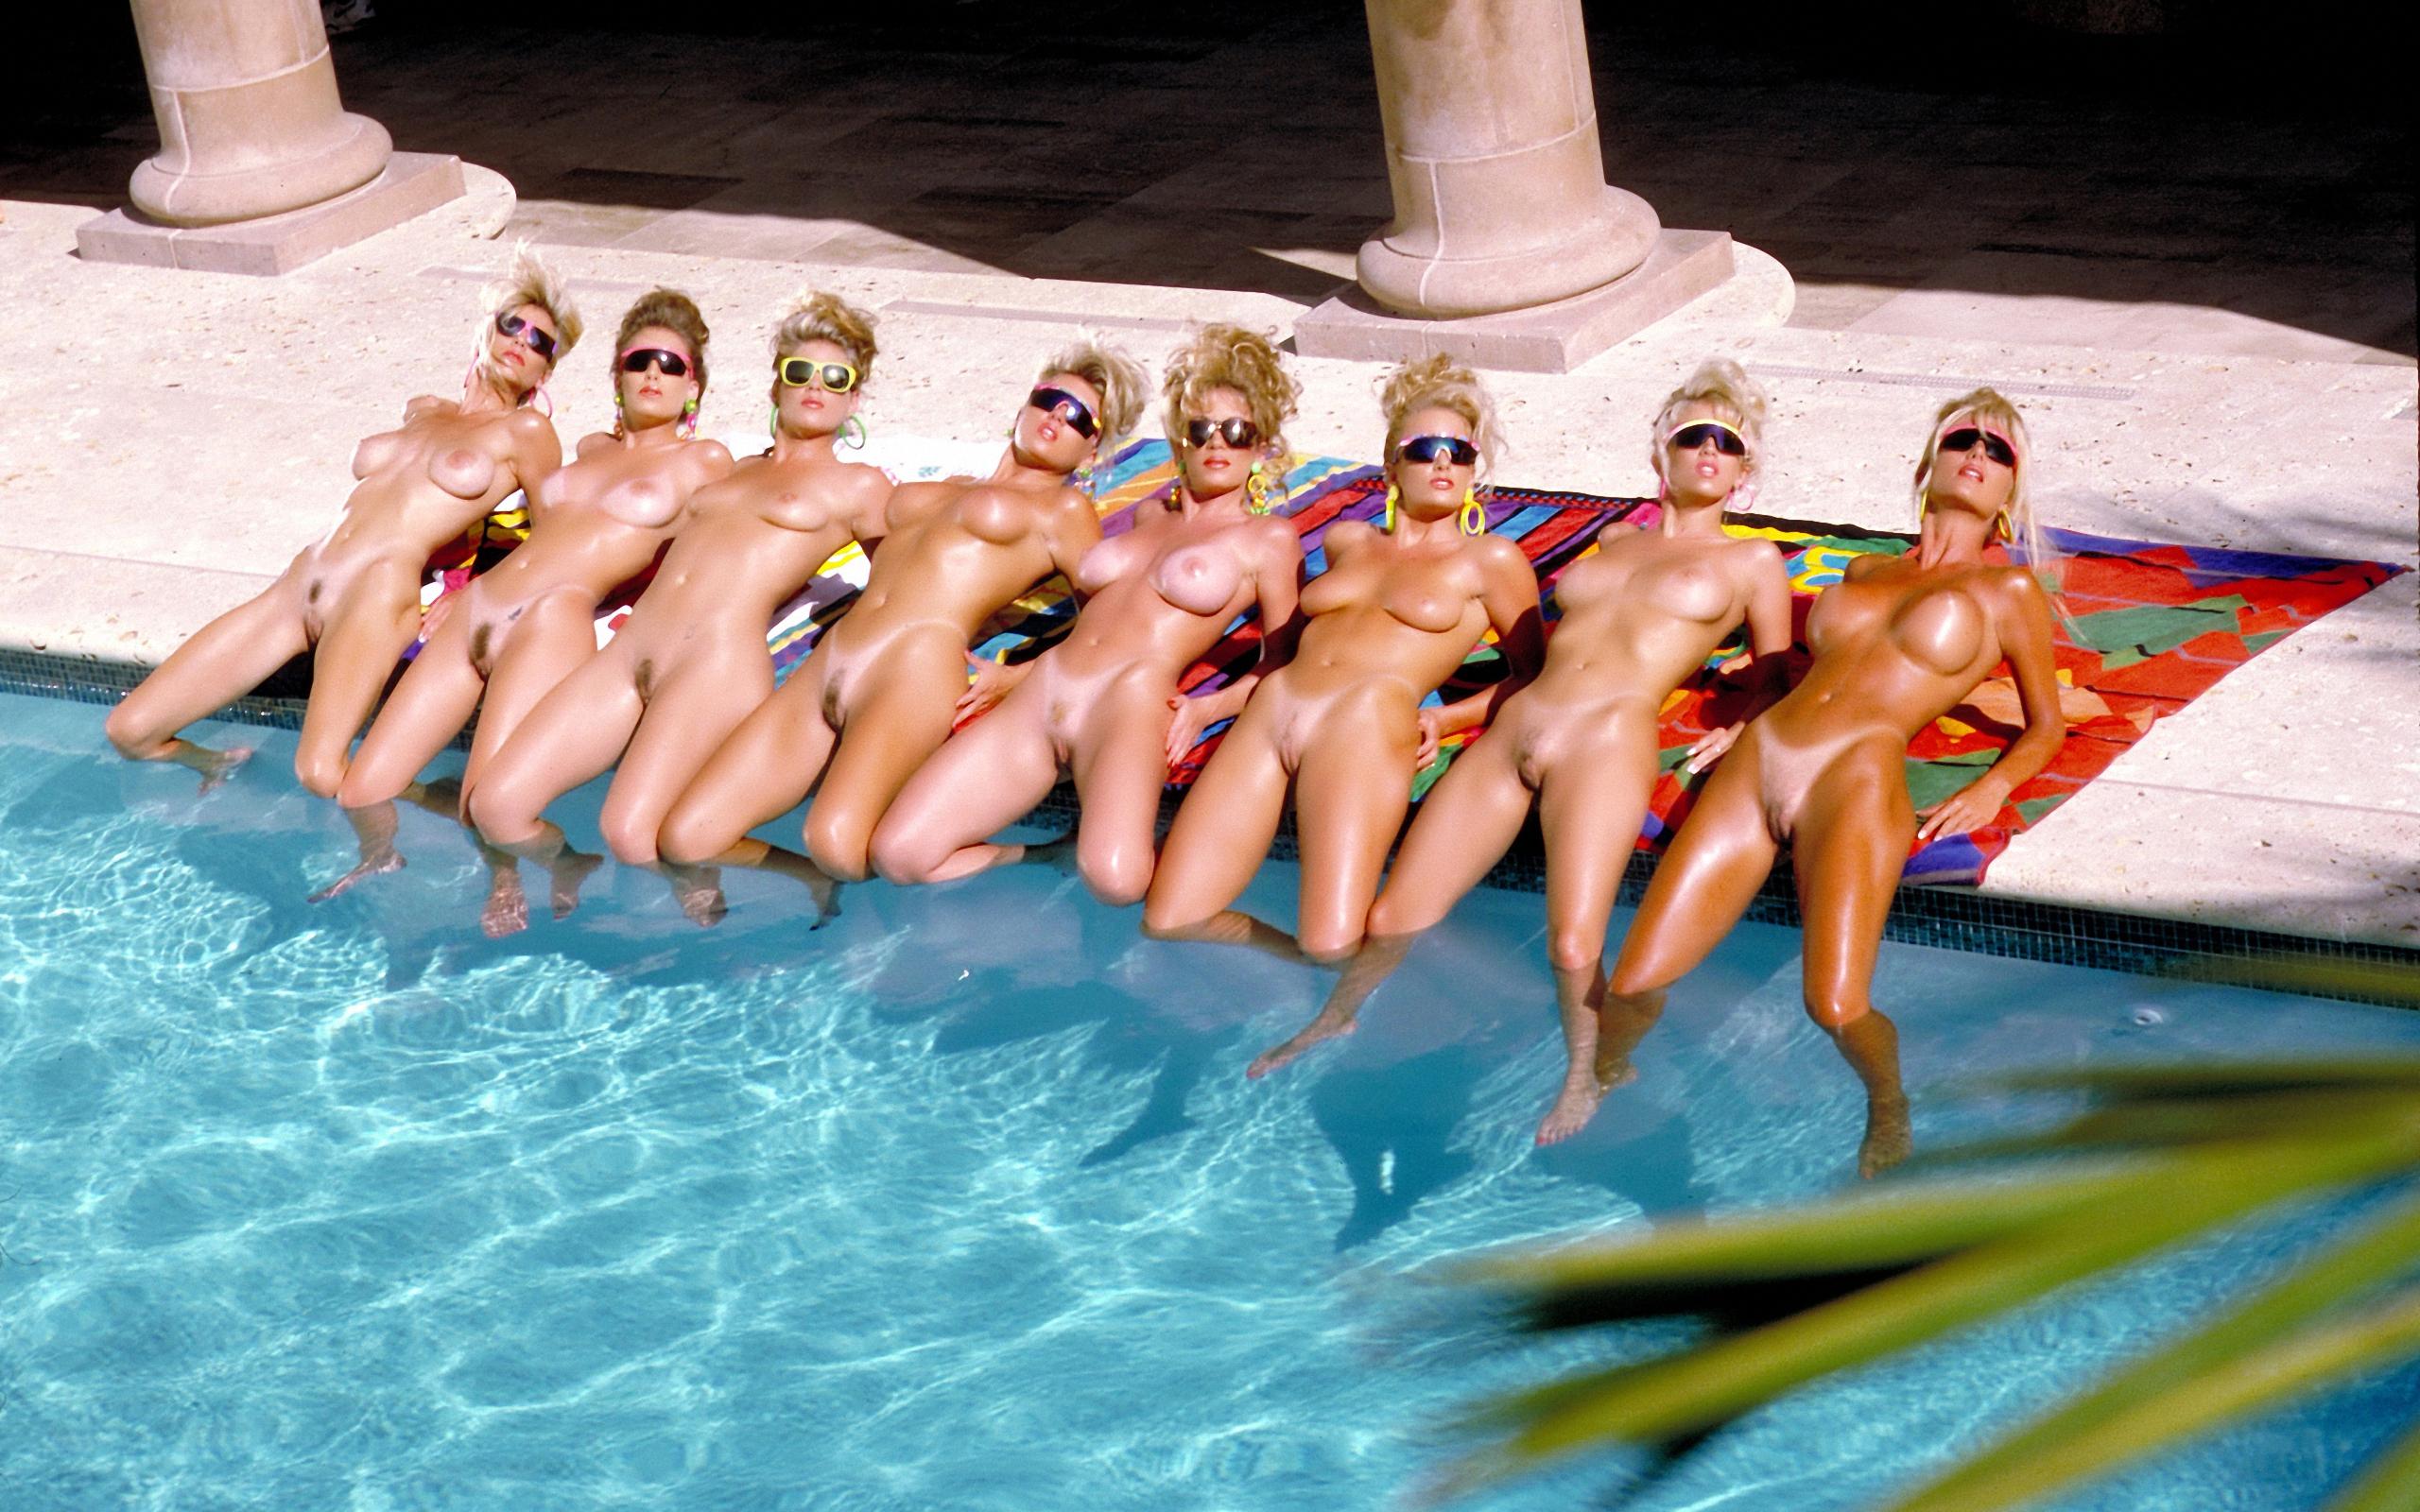 Смотреть эротику с девушками в бассейне 19 фотография